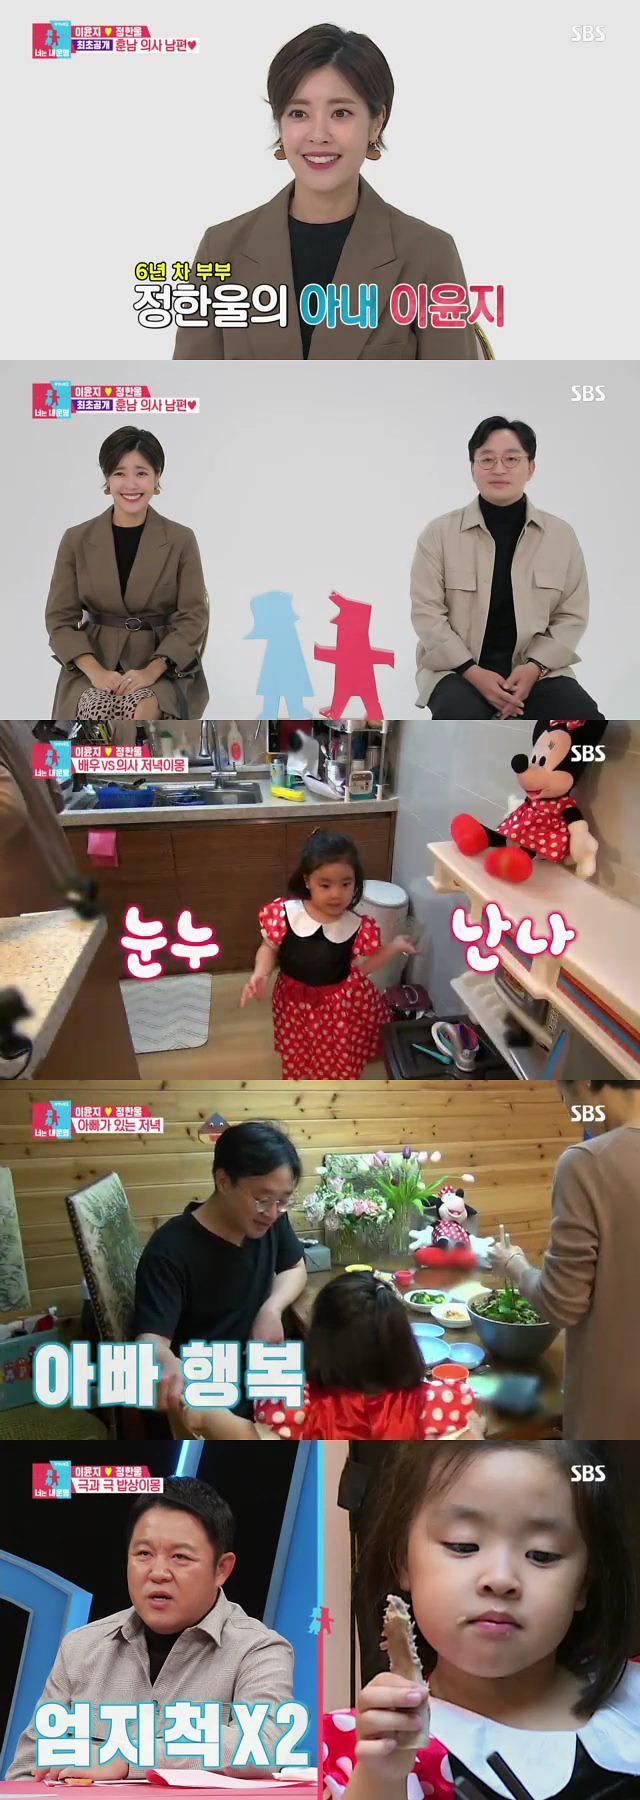 [간밤의 TV] '너는 내 운명' 이윤지♥정한울, 둘째 임신 소식 공개 9.2% '최고의 1분'